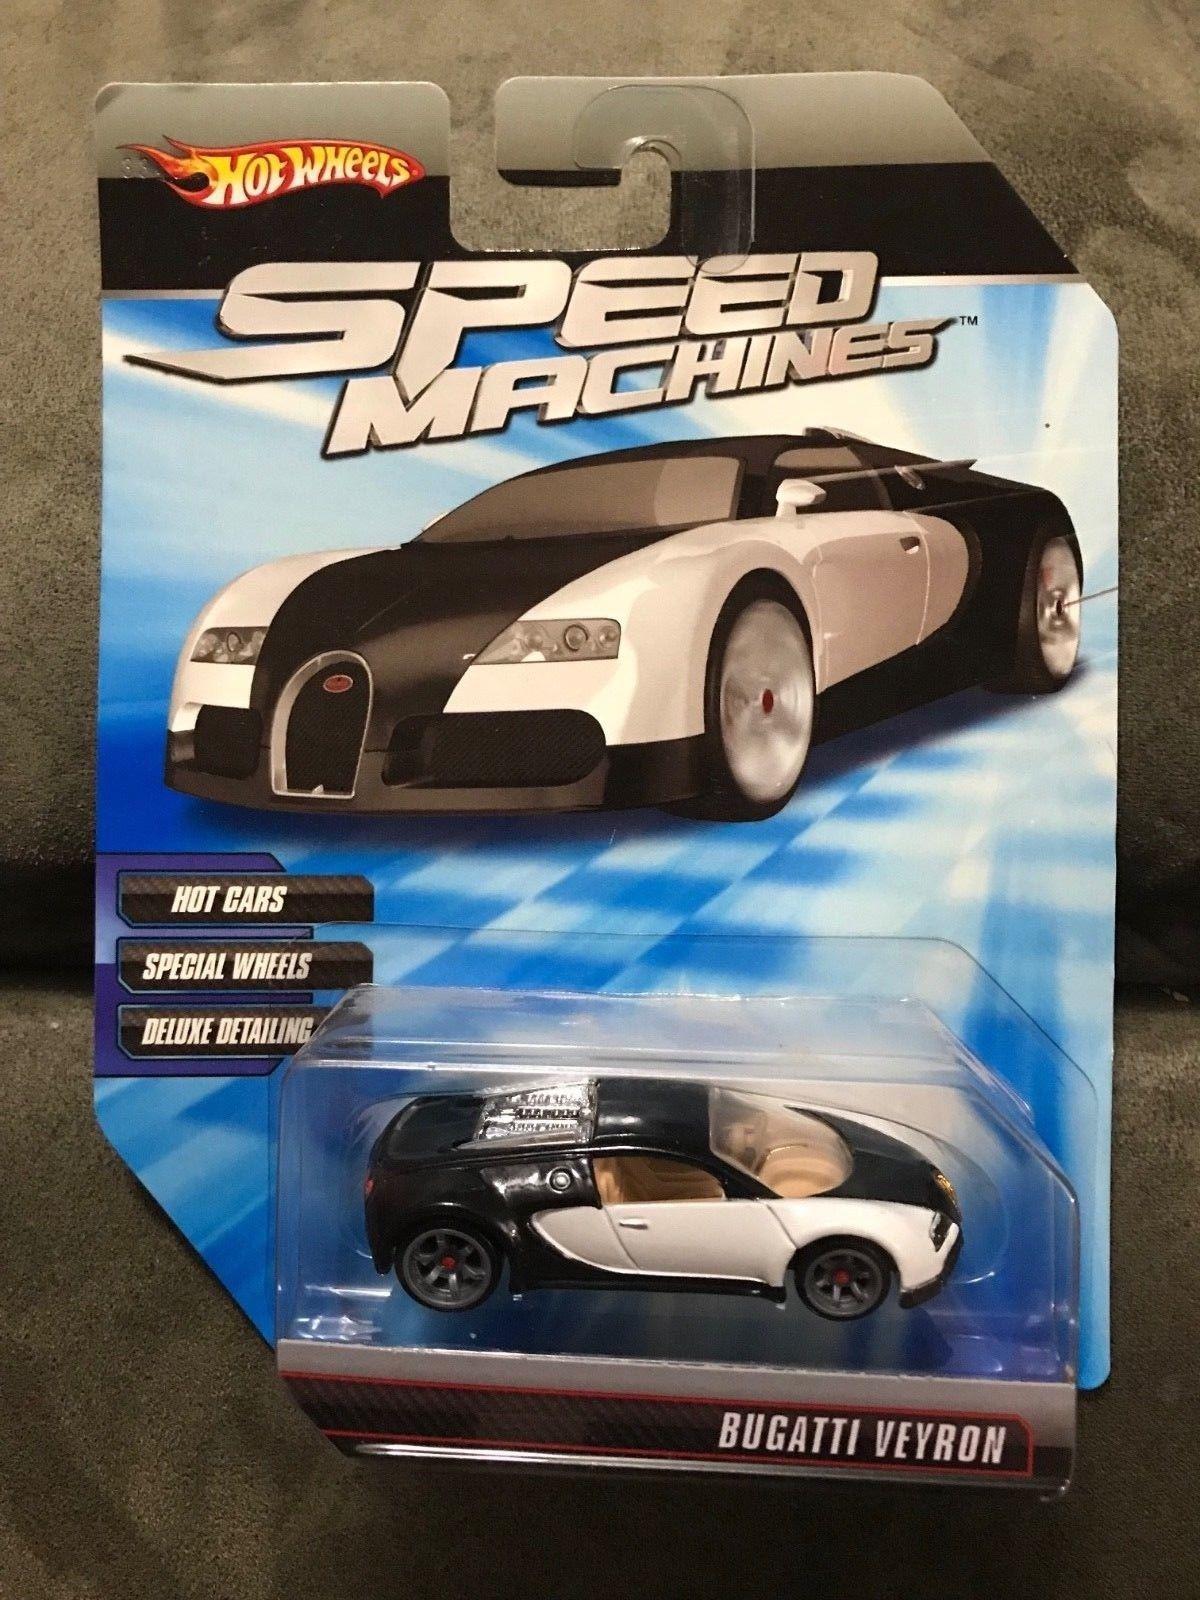 313aa7e42ad7484a3f0a6ef8ce4fe580 Elegant Bugatti Veyron toy Car Hot Wheels Cars Trend